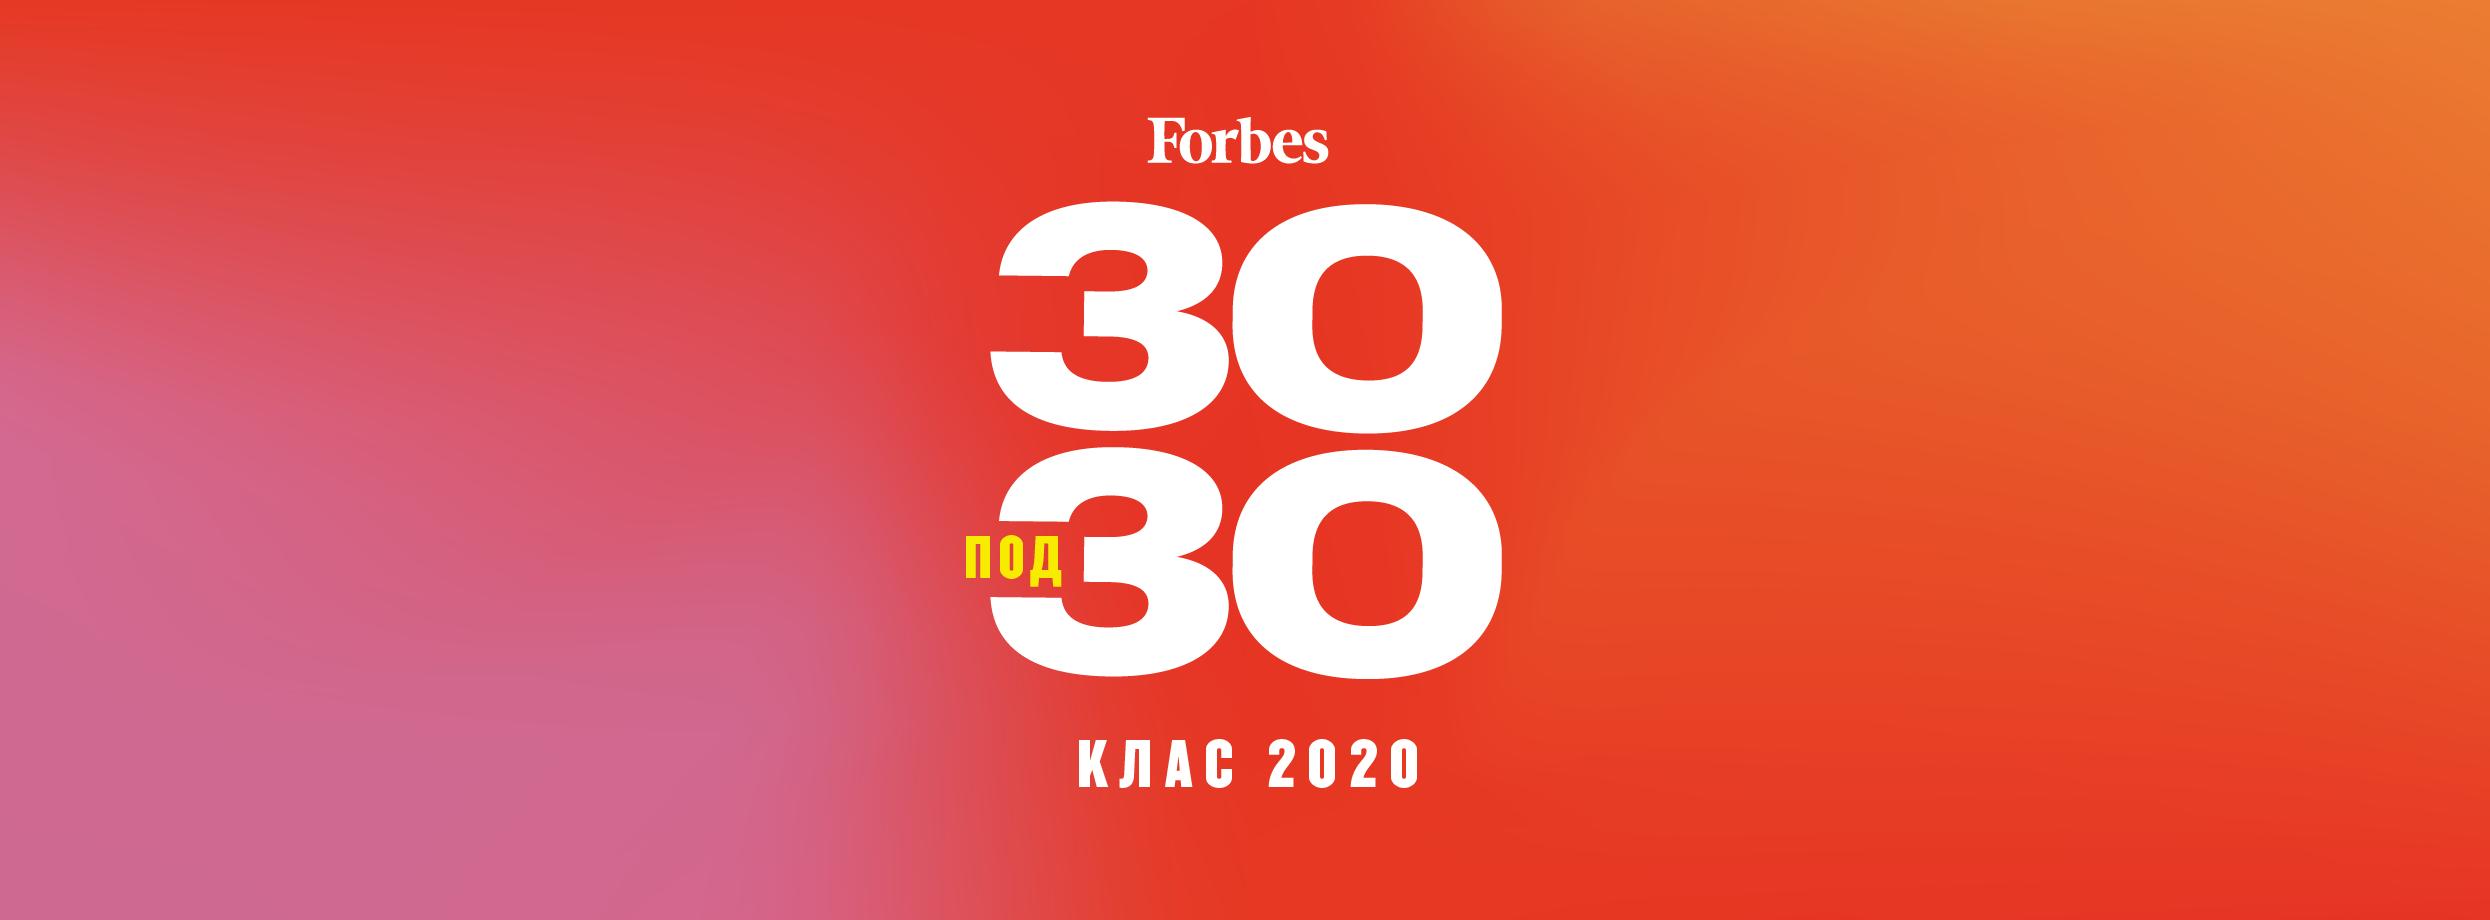 FORBES 30 под 30